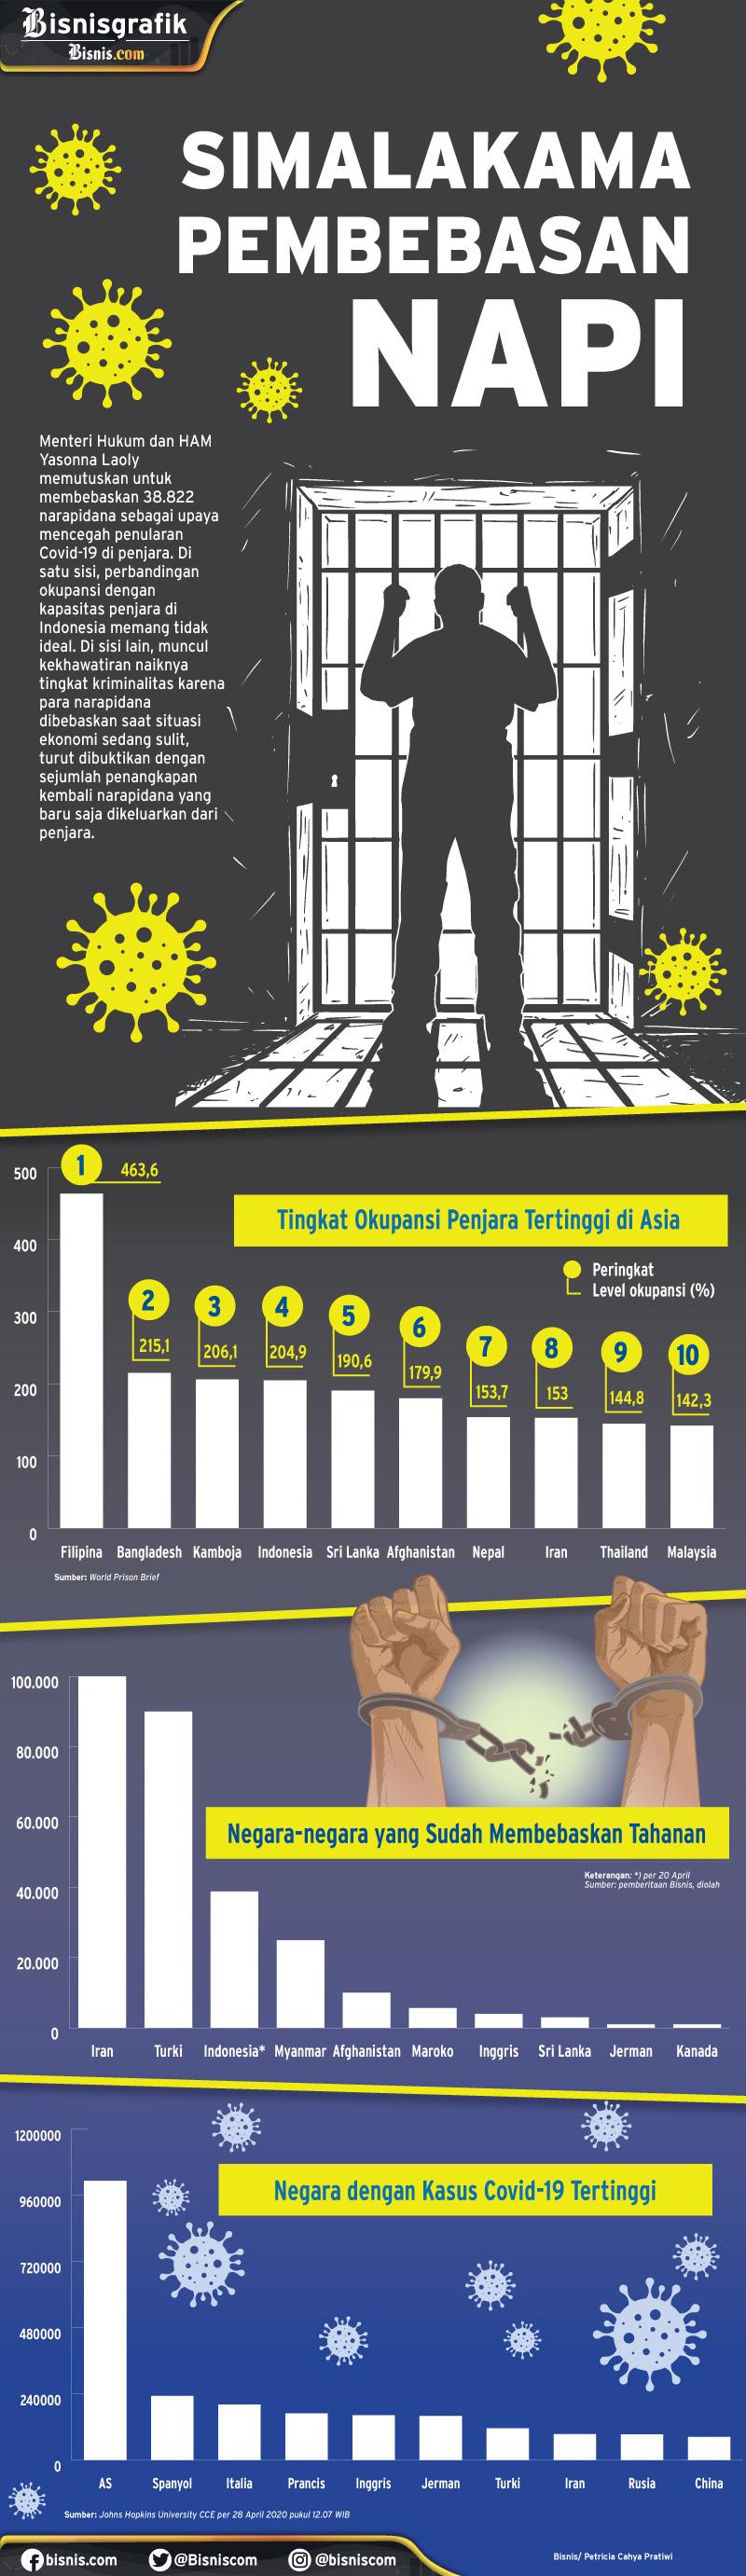 Infografik tingkat okupansi penjara dan perkembangan kasus Covid-19 di seluruh dunia. - Bisnis/Petricia Cahya Pratiwi